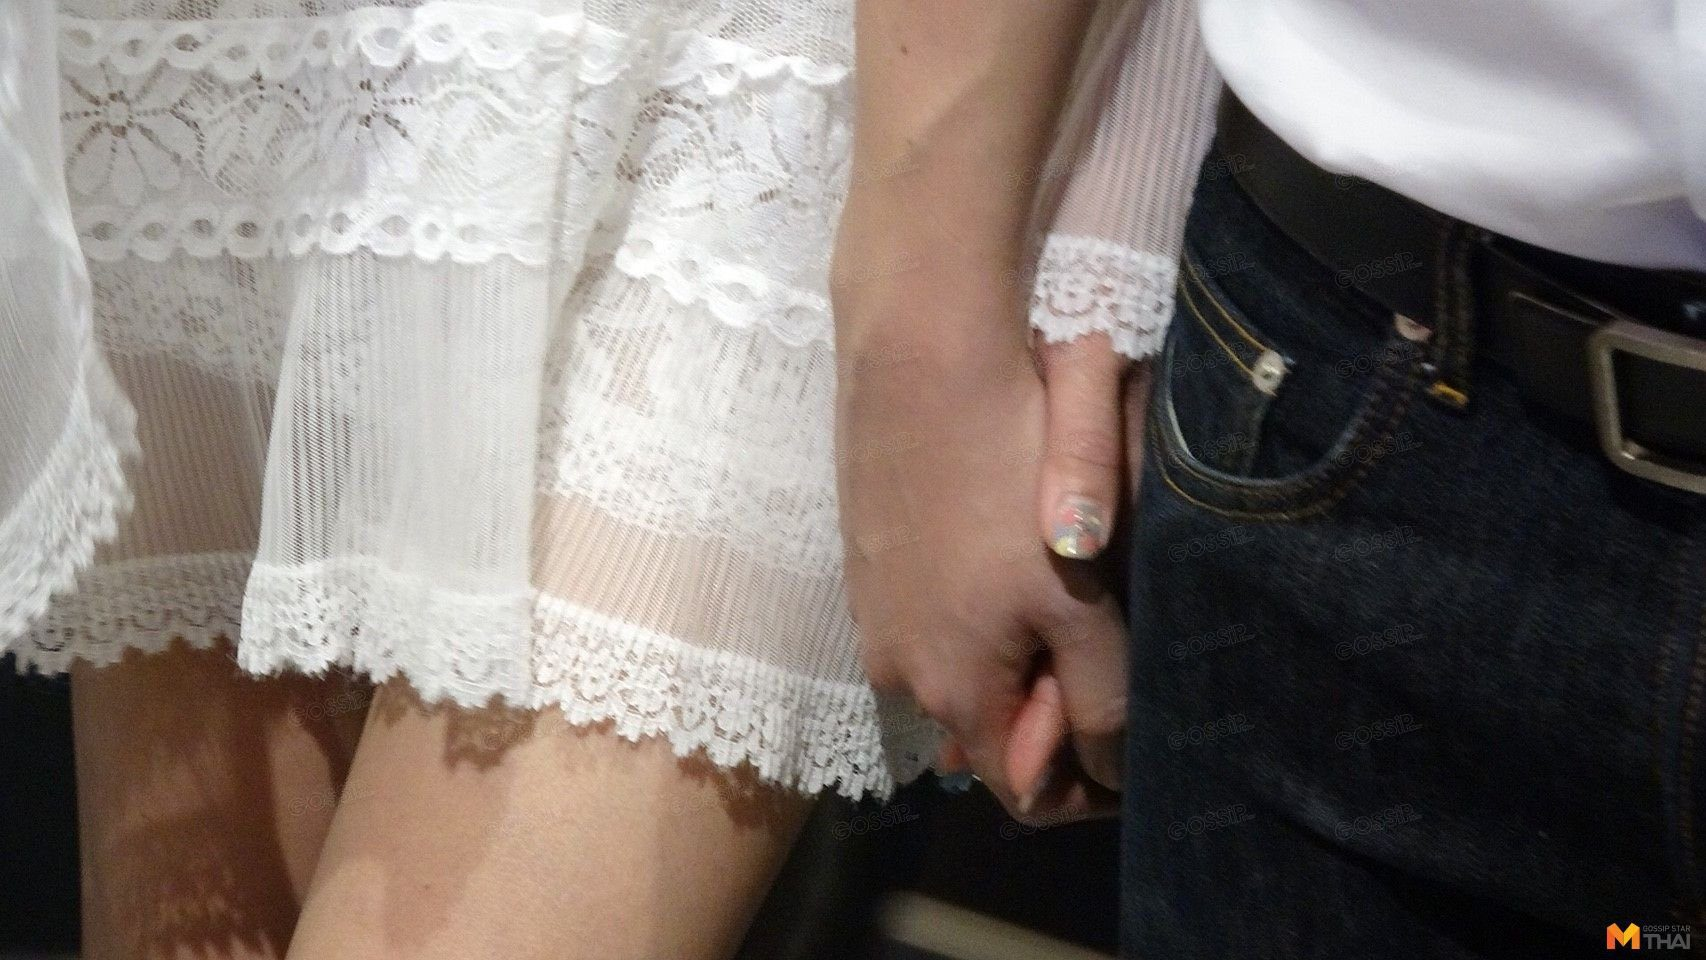 เมย์-เอ็ดดี้ จับมือไม่ปล่อย